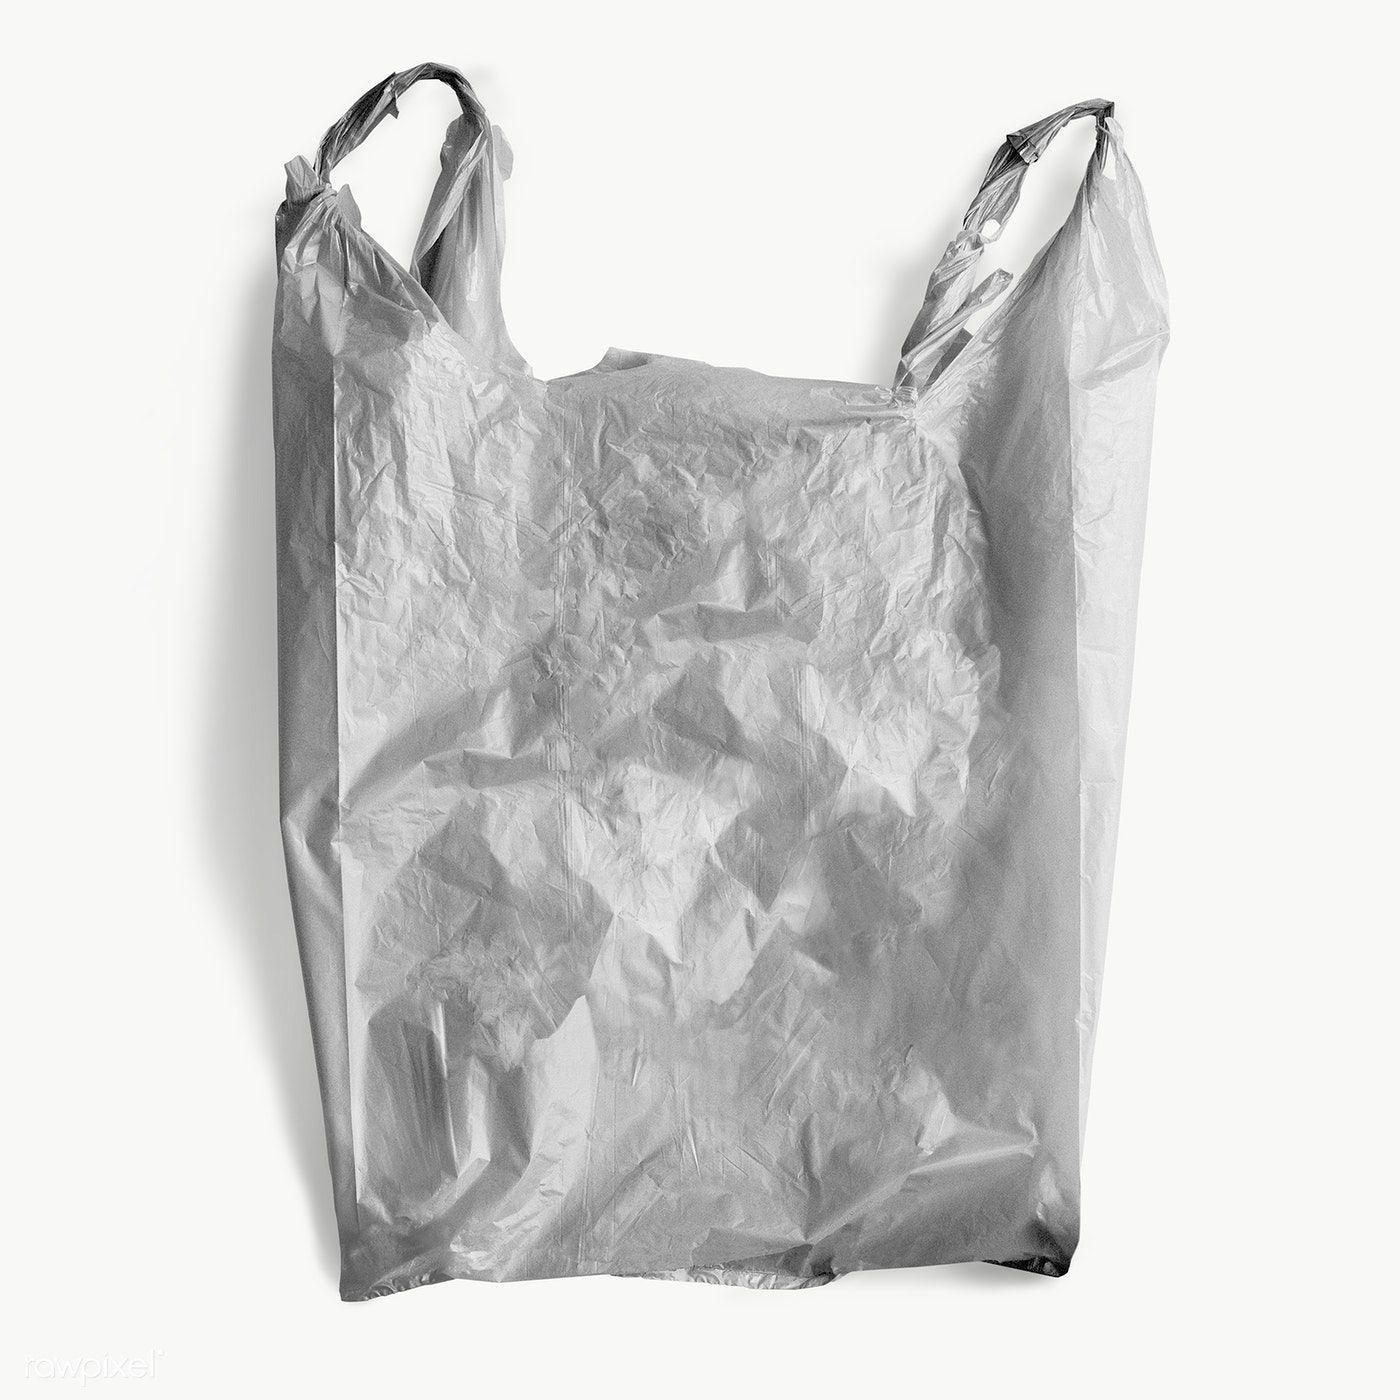 Gray Plastic Bag Mockup Transparent Png Free Image By Rawpixel Com Sasi Bag Mockup Plastic Bag Bag Illustration